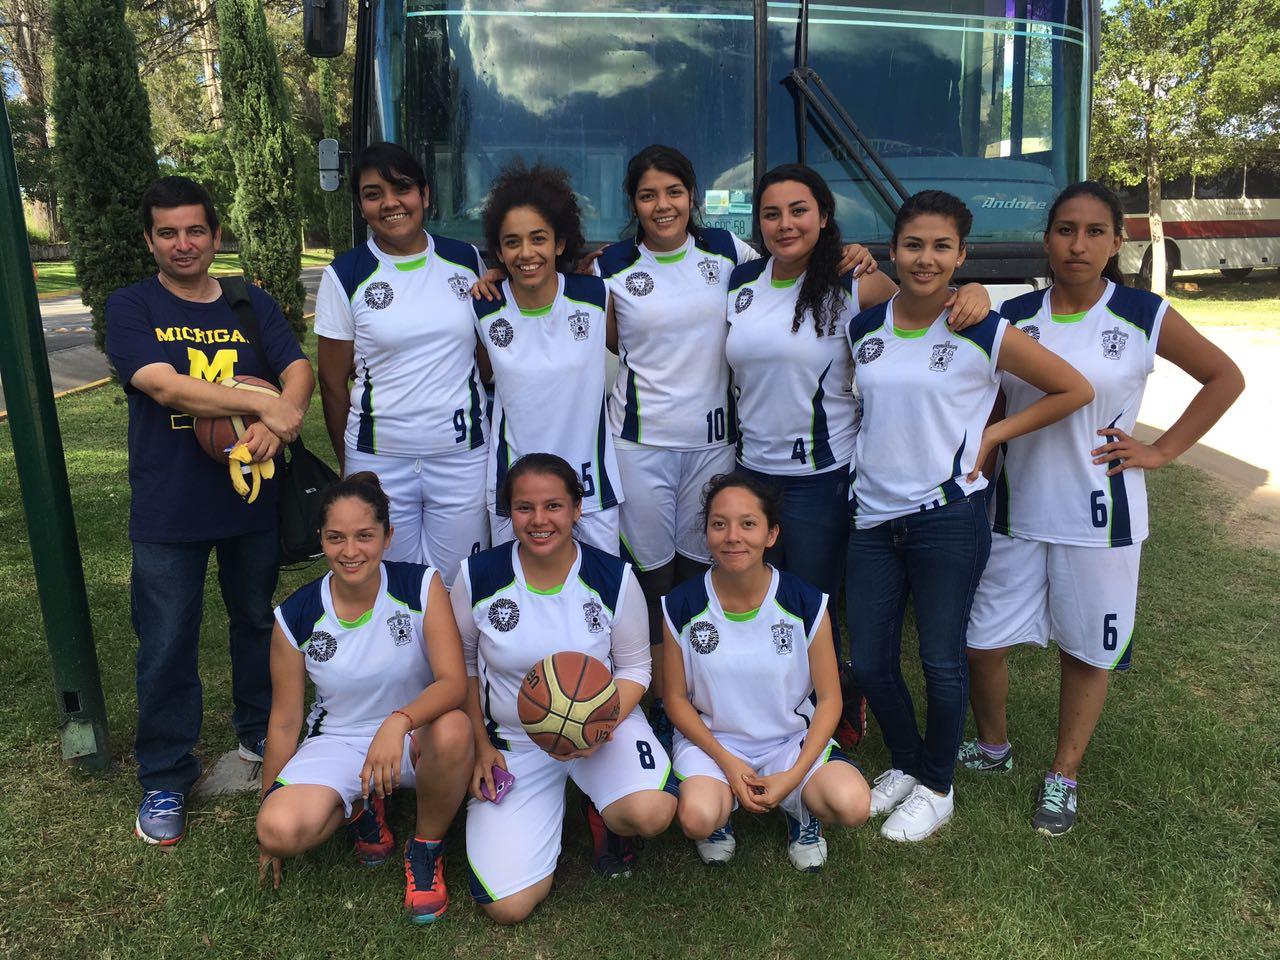 Las nueve seleccionadas del equipo femenil de basquetbol y su entrenador